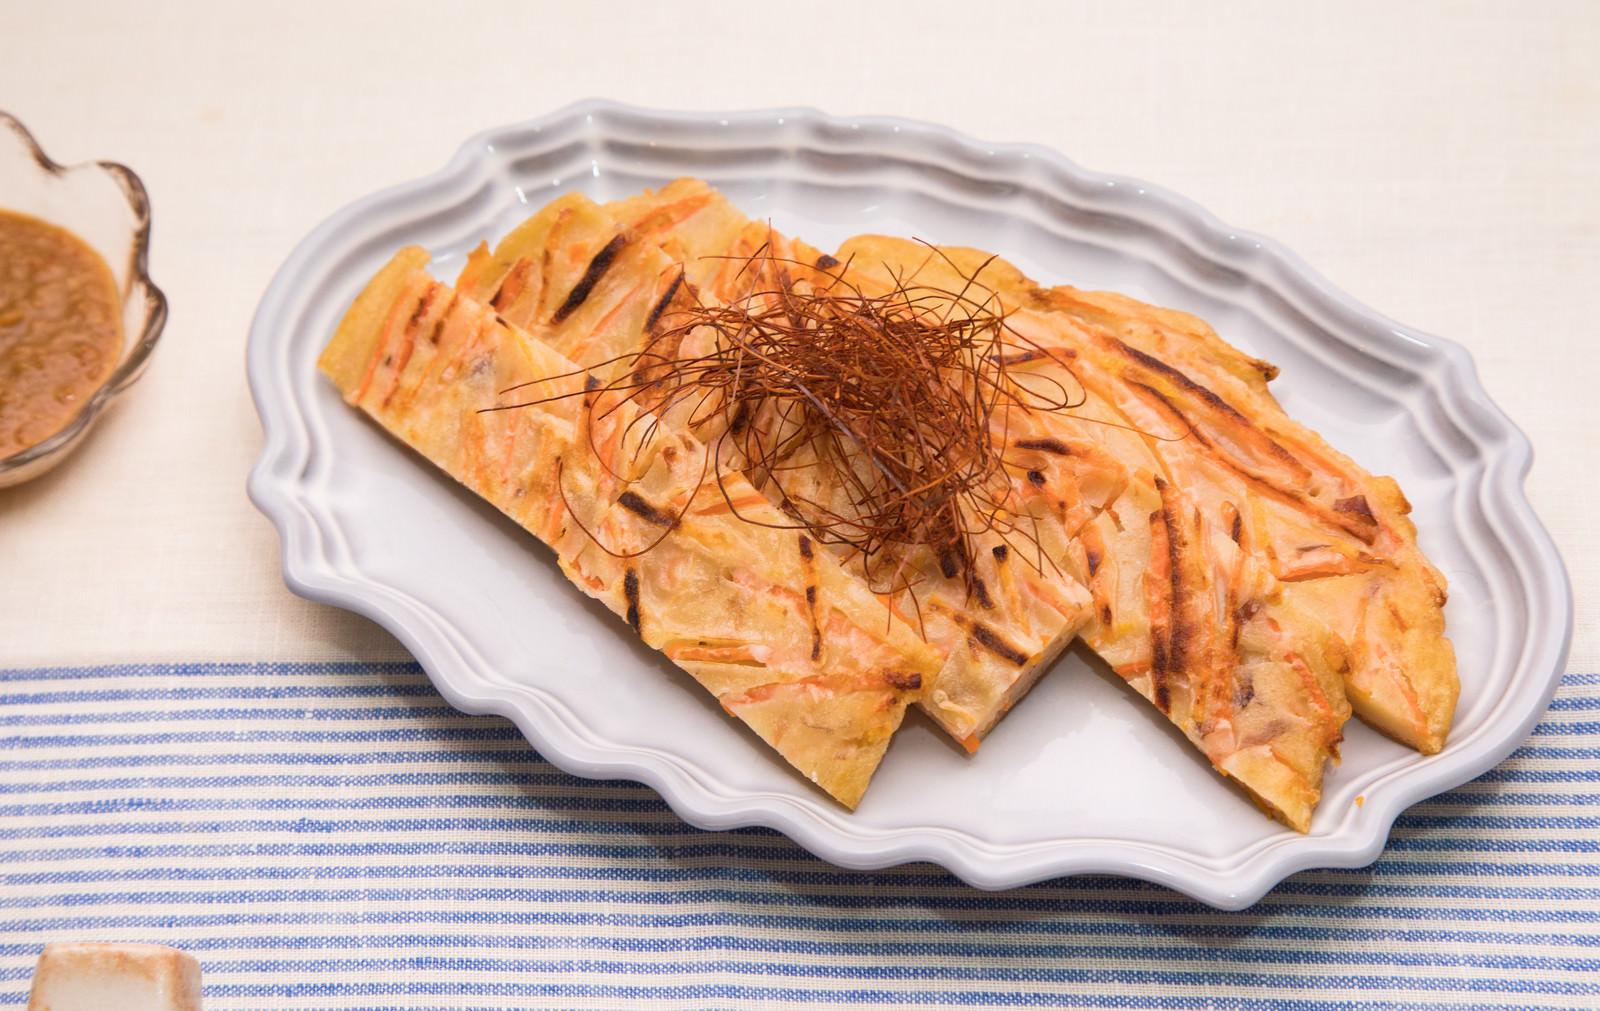 「かつお節や塩昆布の旨味とにんじんの甘味が絶妙なにんじんチヂミ」の写真